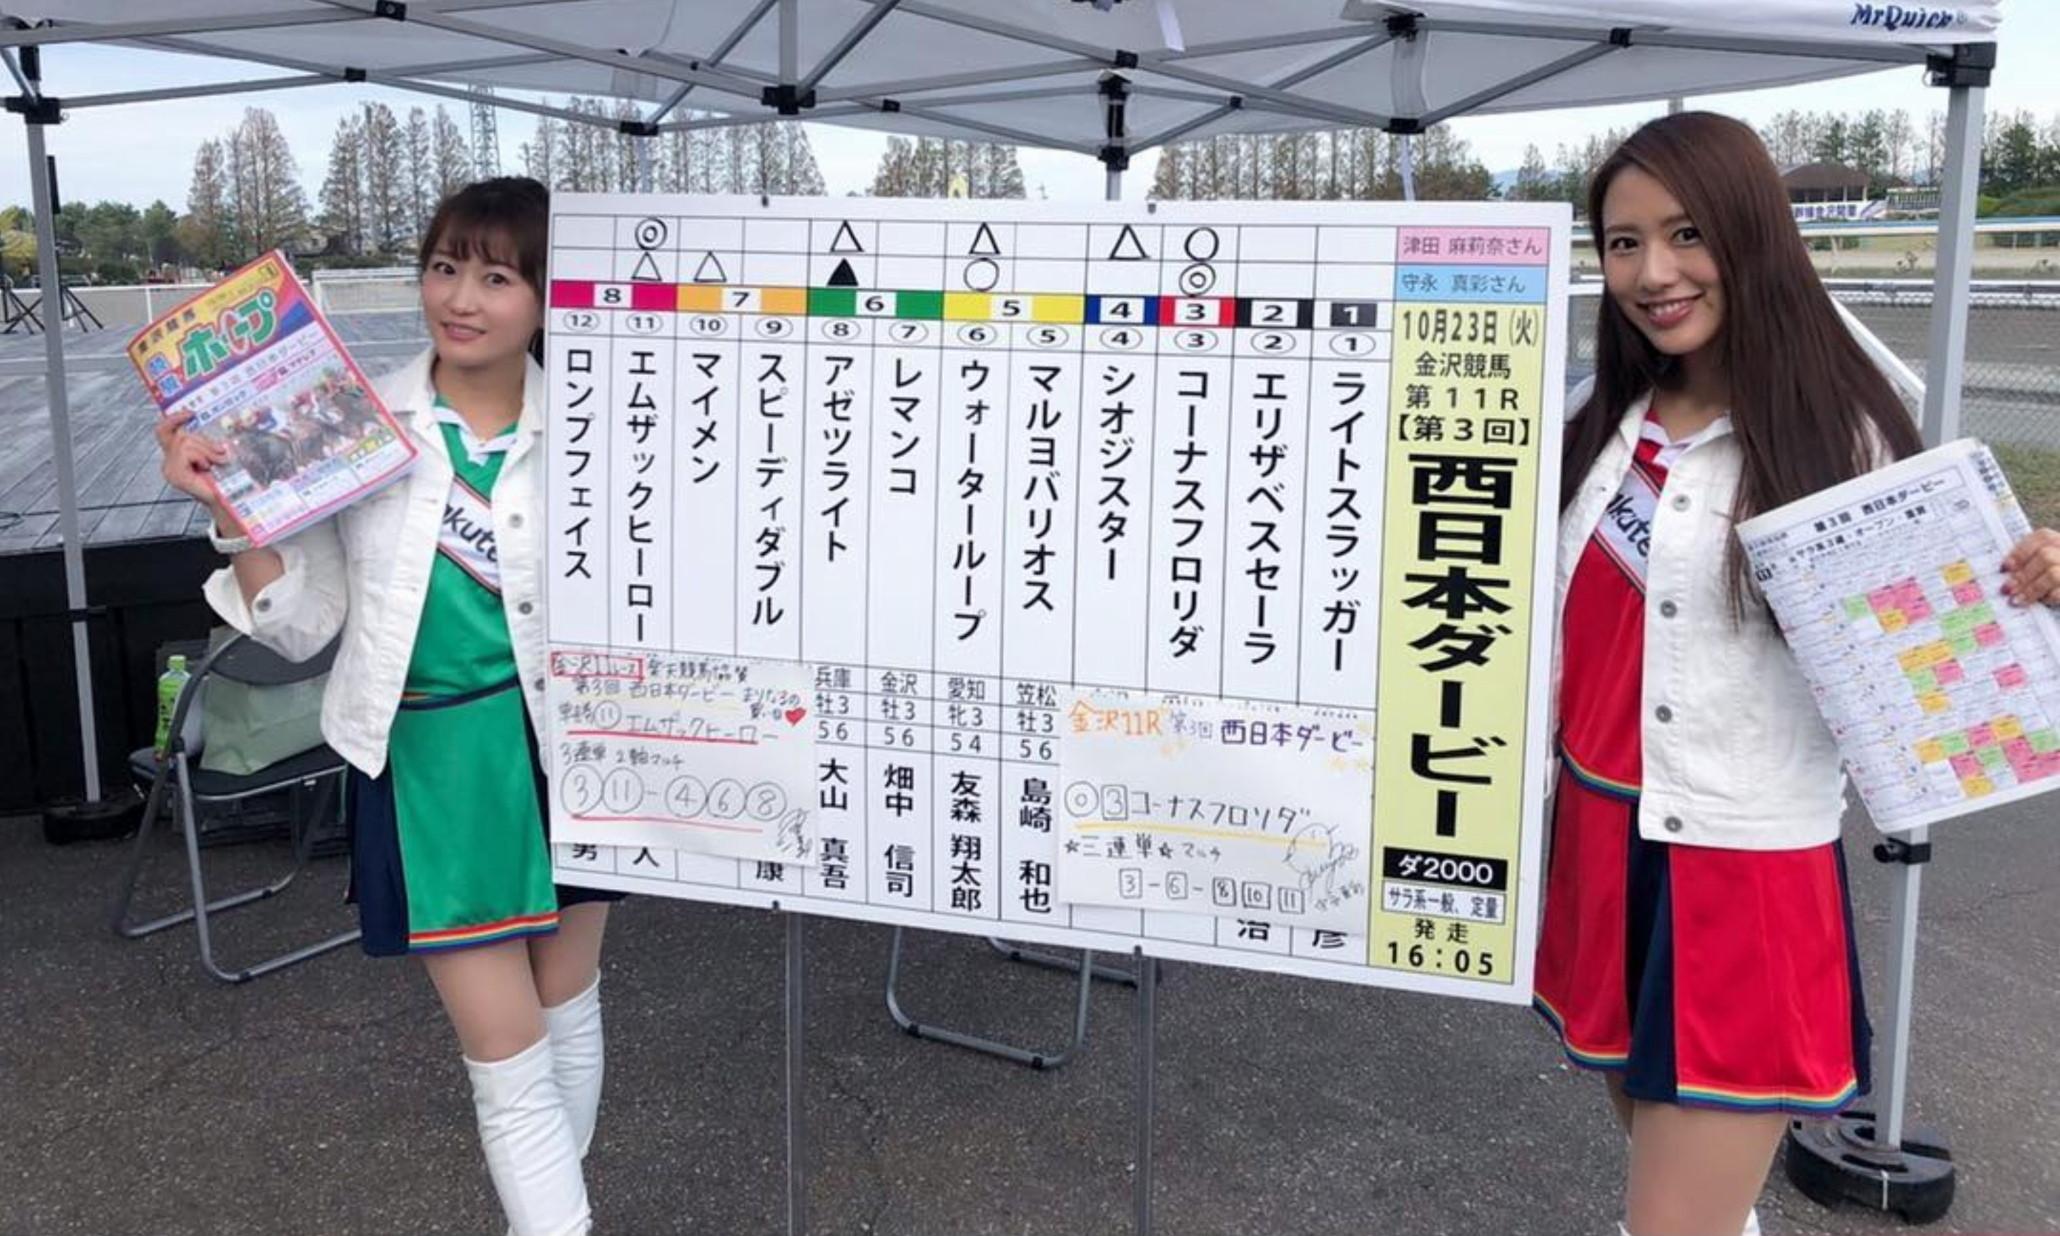 Marina_Tsuda_with_Maaya_Morinaga